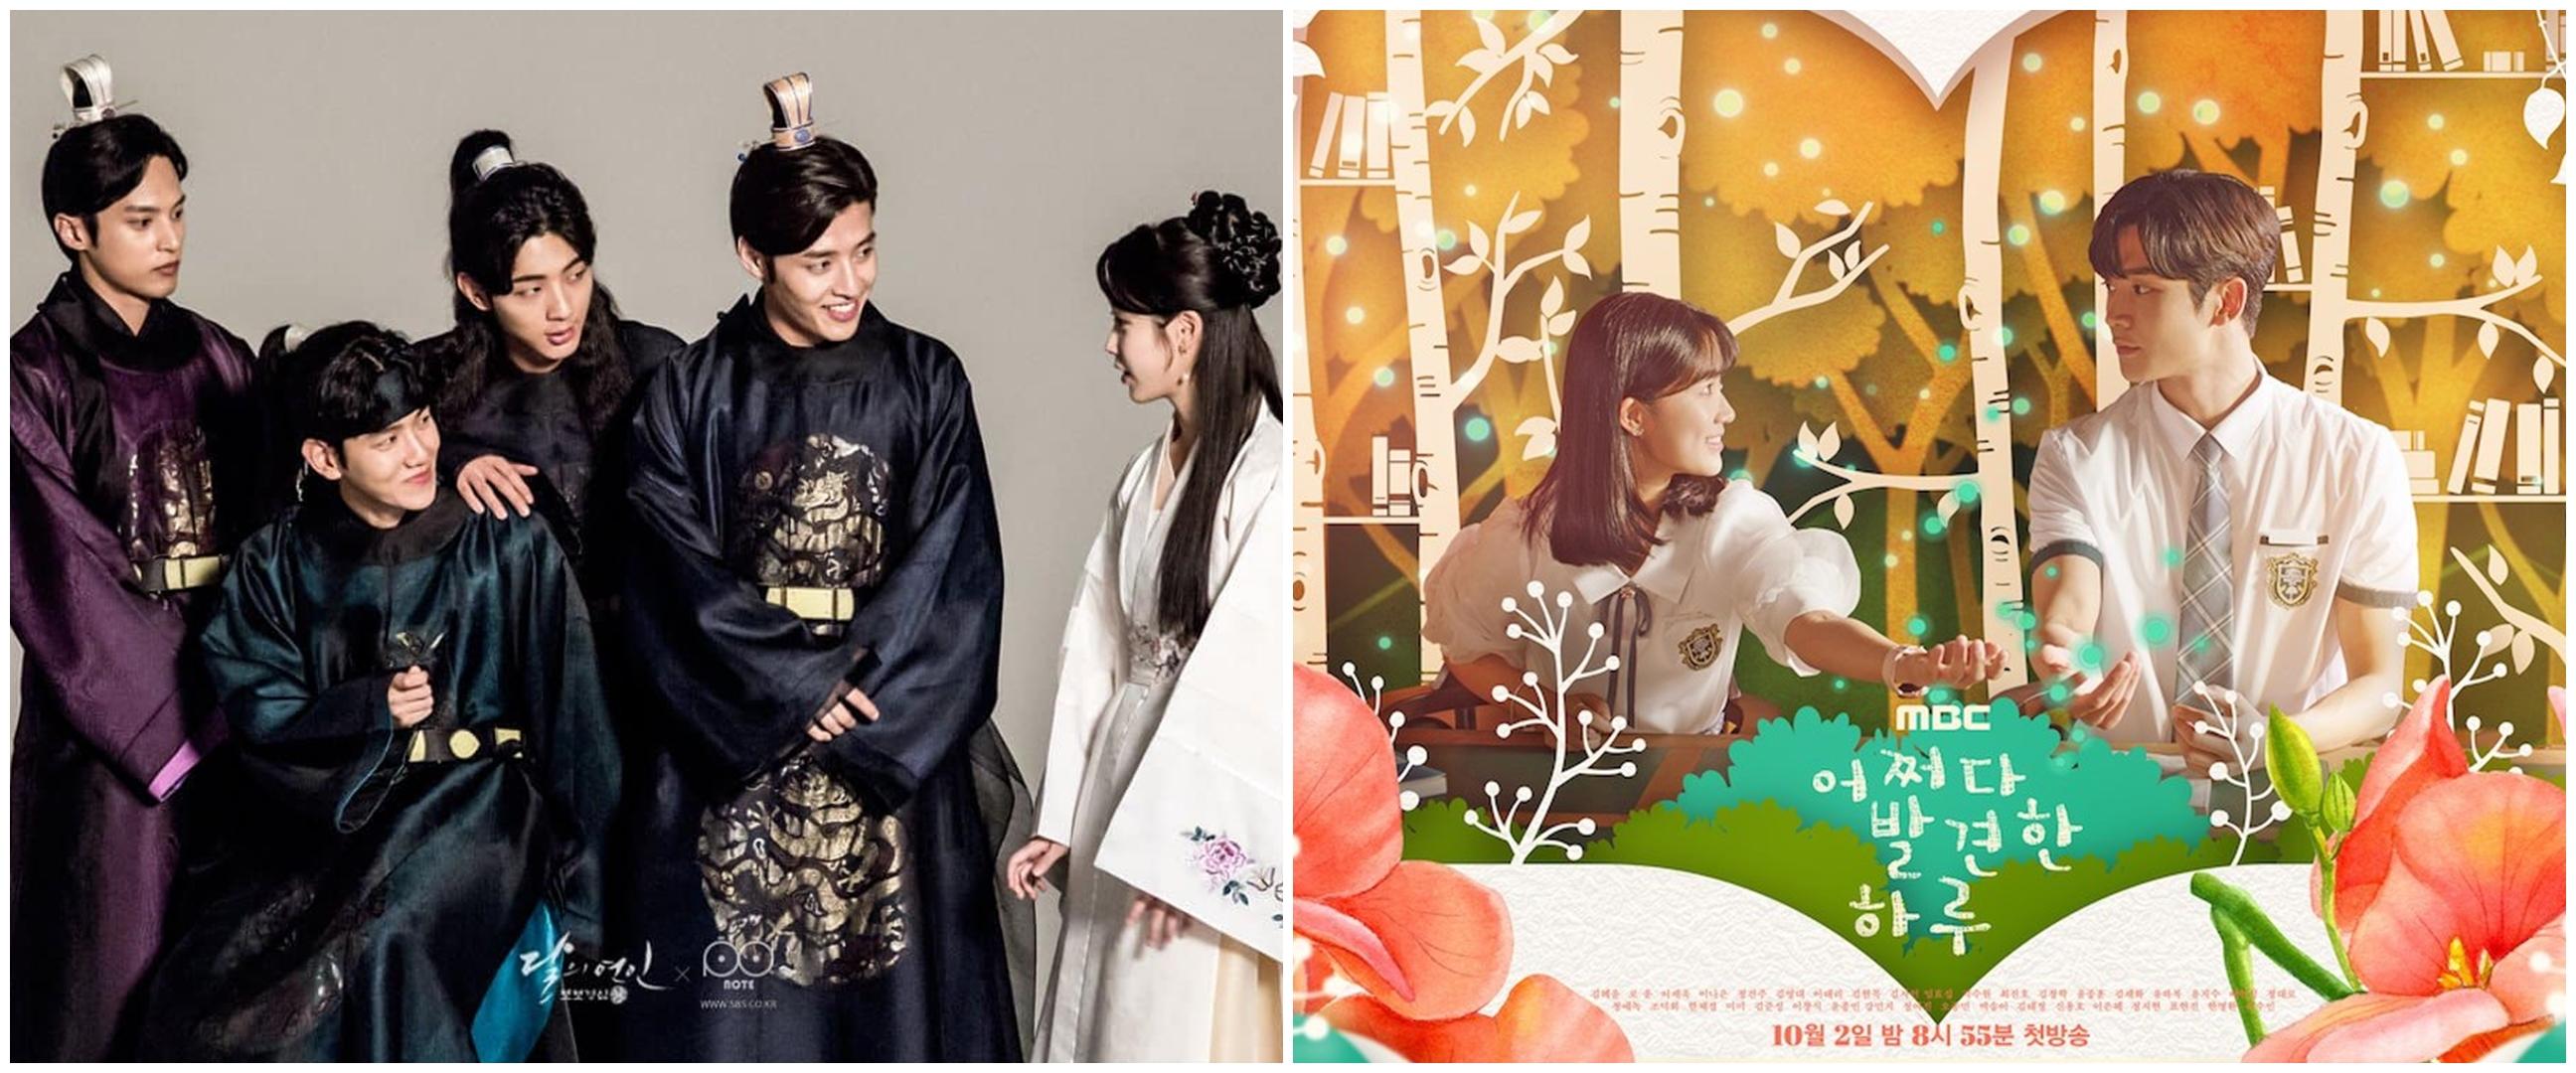 7 Drama Korea paling ditunggu season 2-nya, belum move on